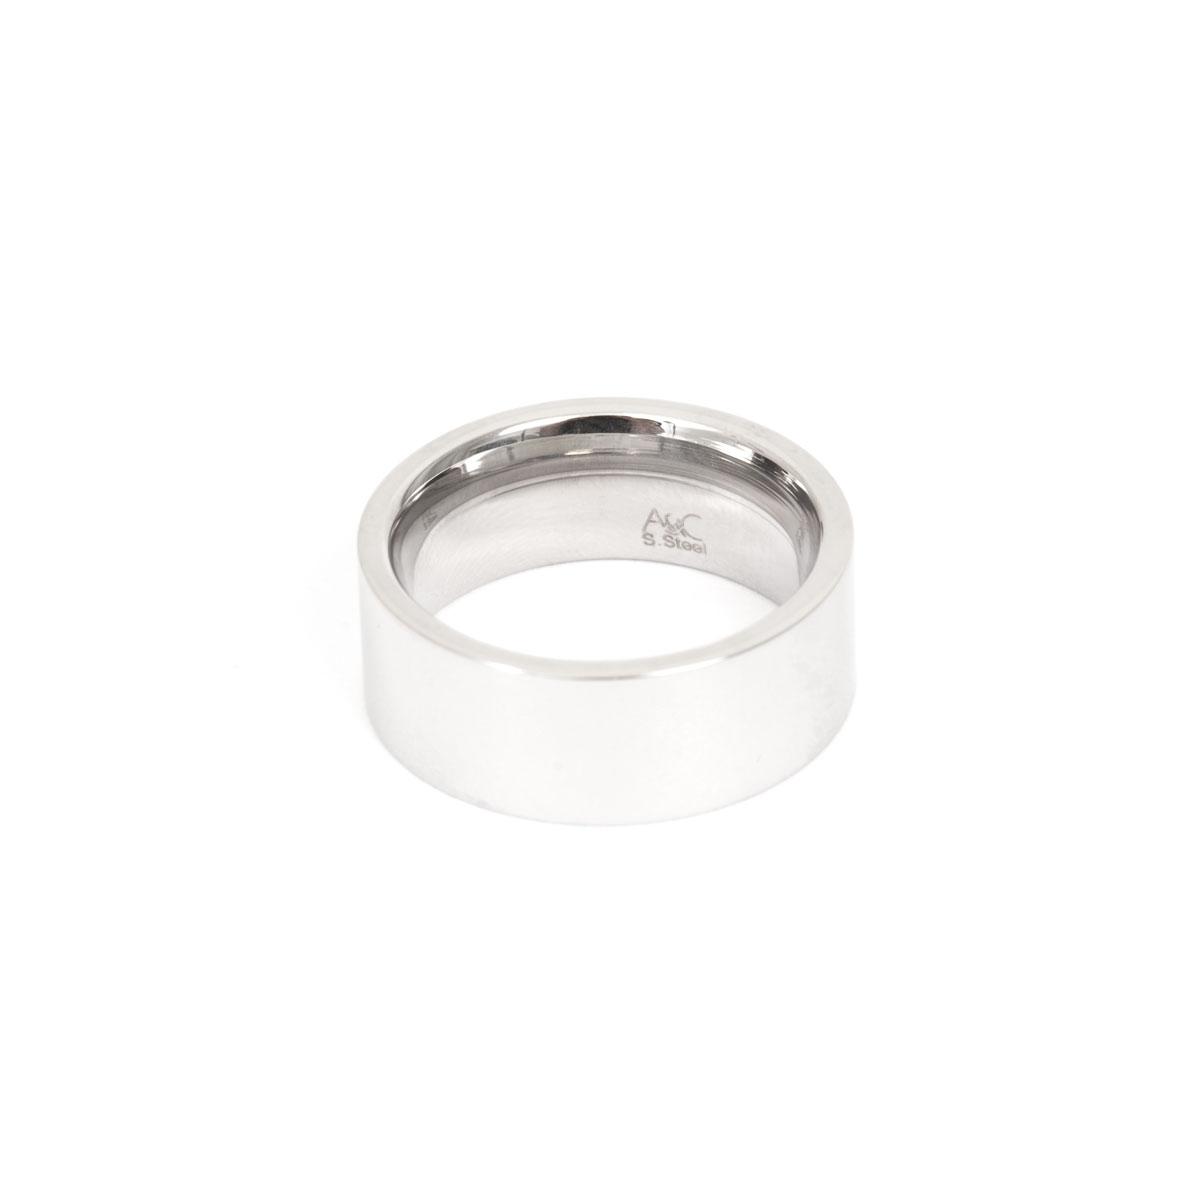 Кольцо(4046-0036)Бижутерия из стали от Arts&amp;Crafts<br>Arts&amp;Crafts, Норвегия<br><br>Авторский дизайн, ручная работа, ограниченный выпуск.<br>